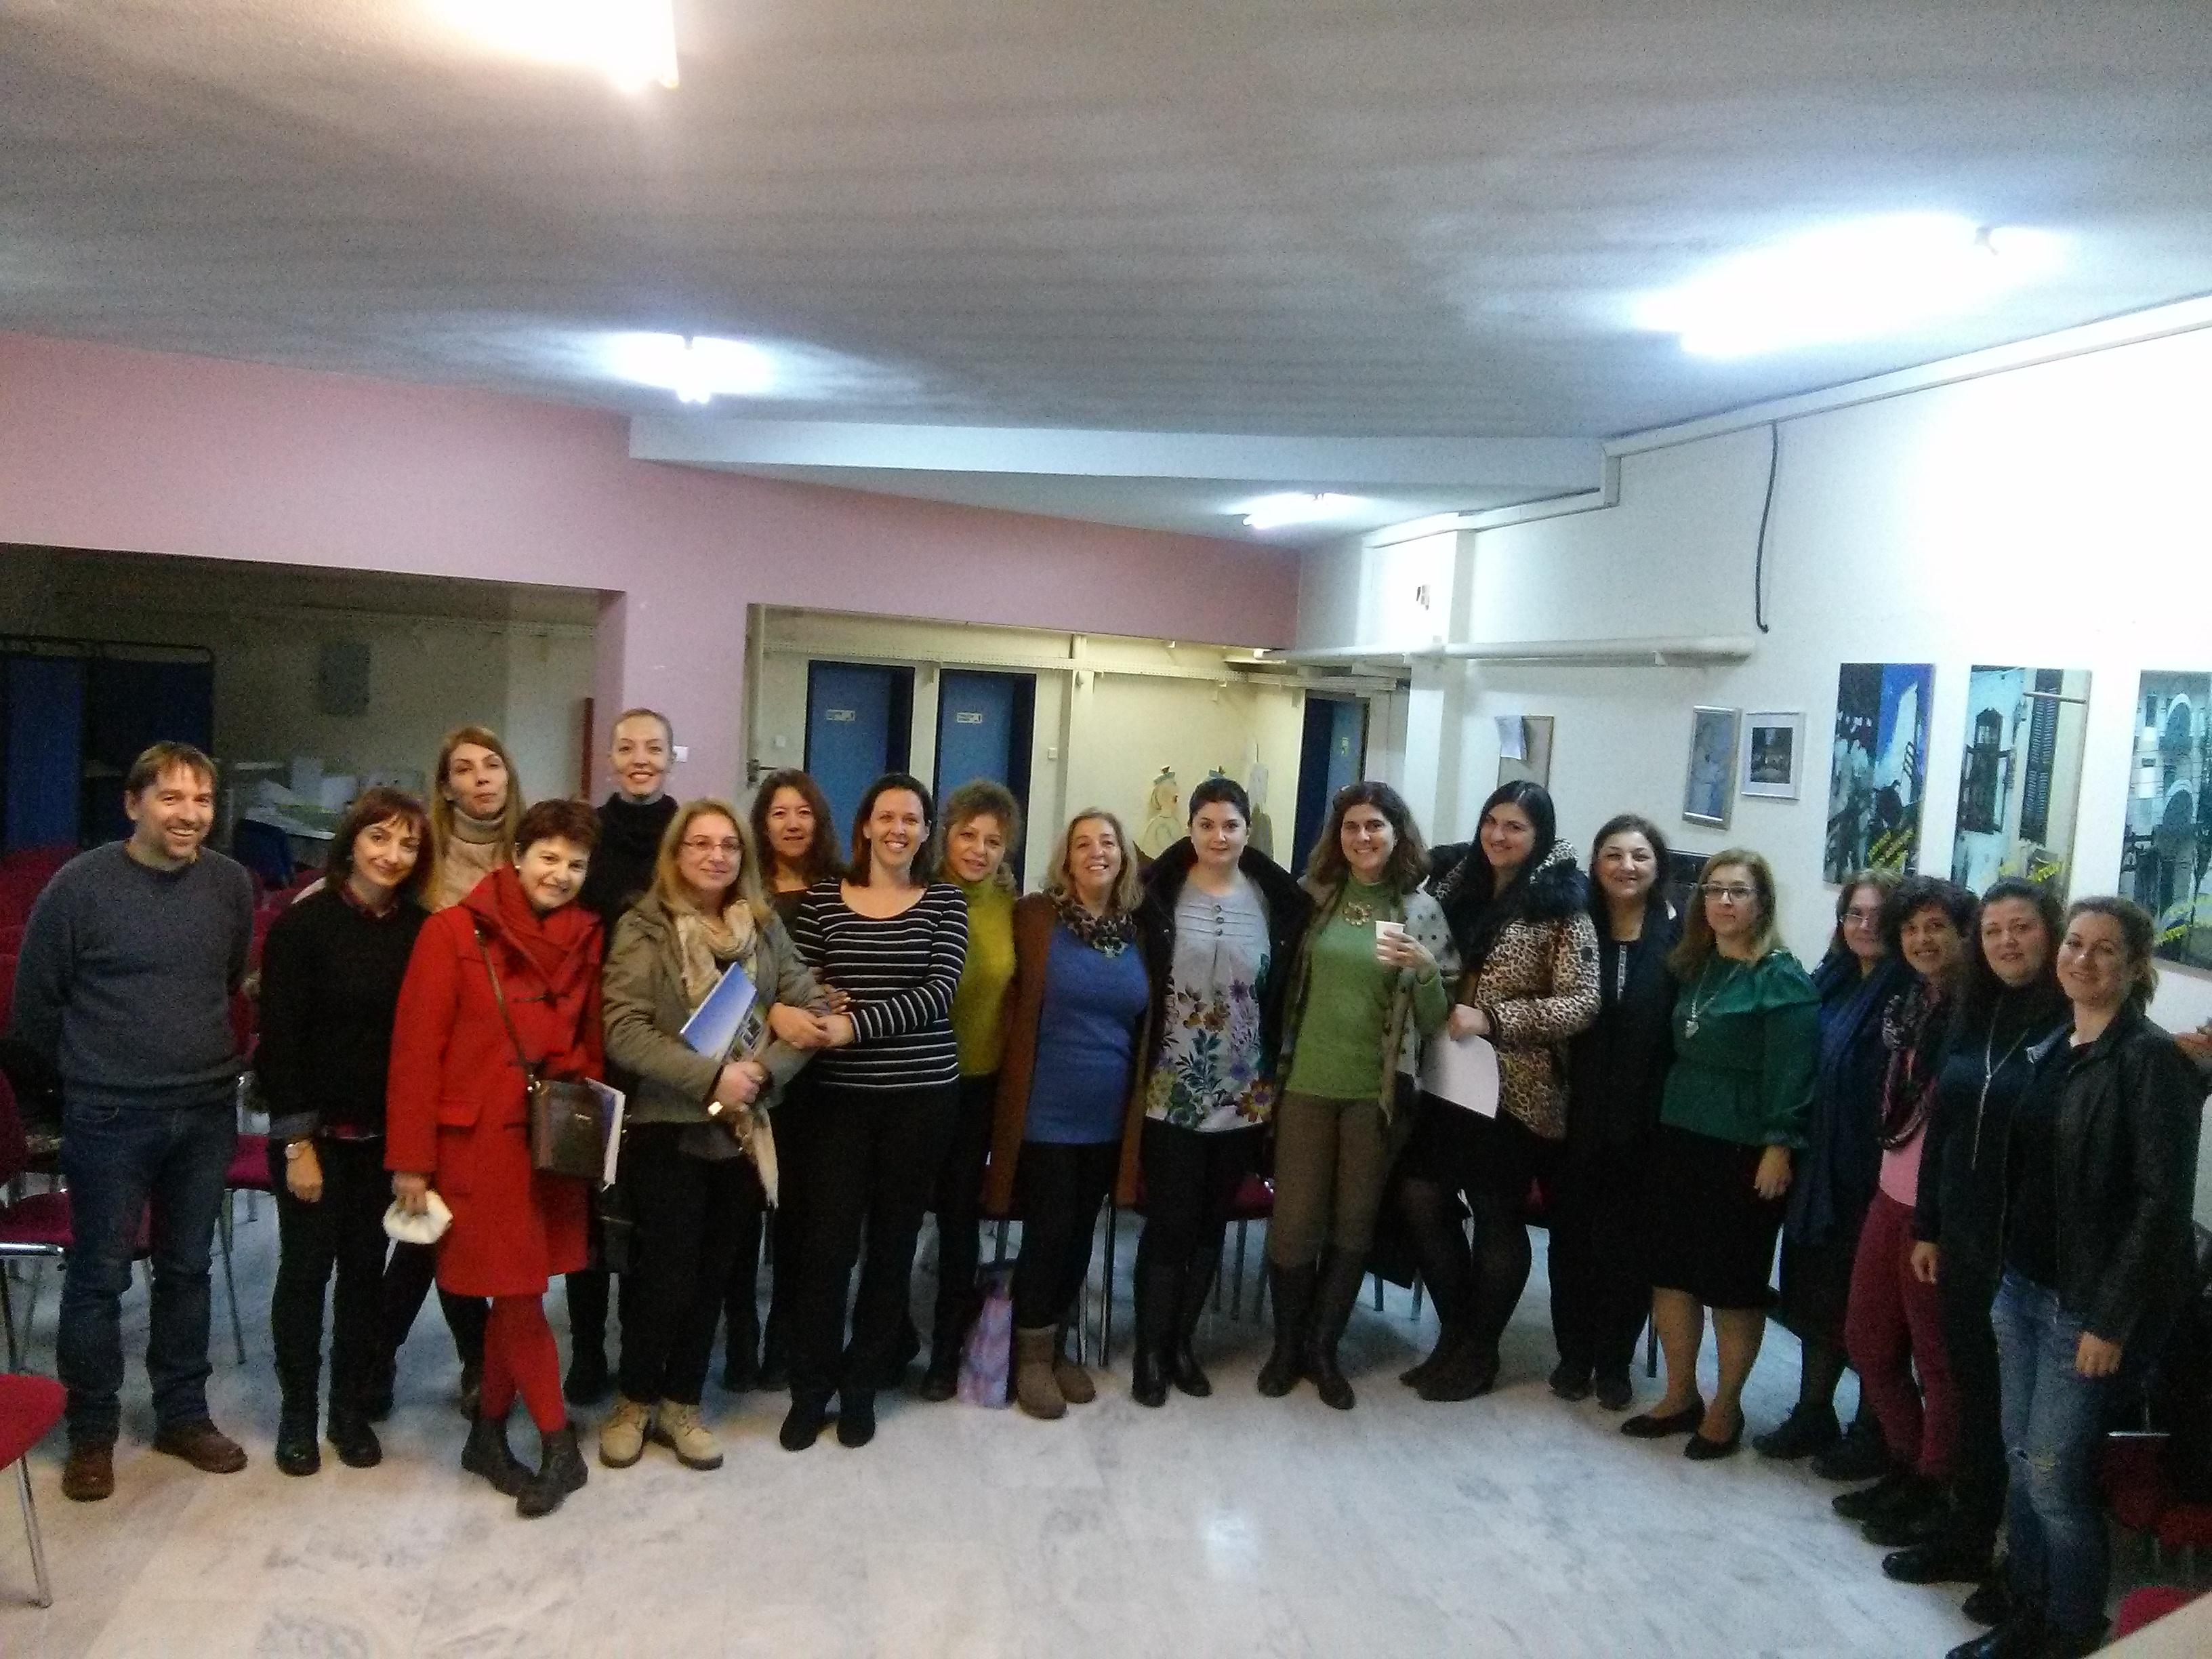 Ολοκλήρωση σεμιναρίου με Νηπιαγωγούς στα Γιαννιτσά